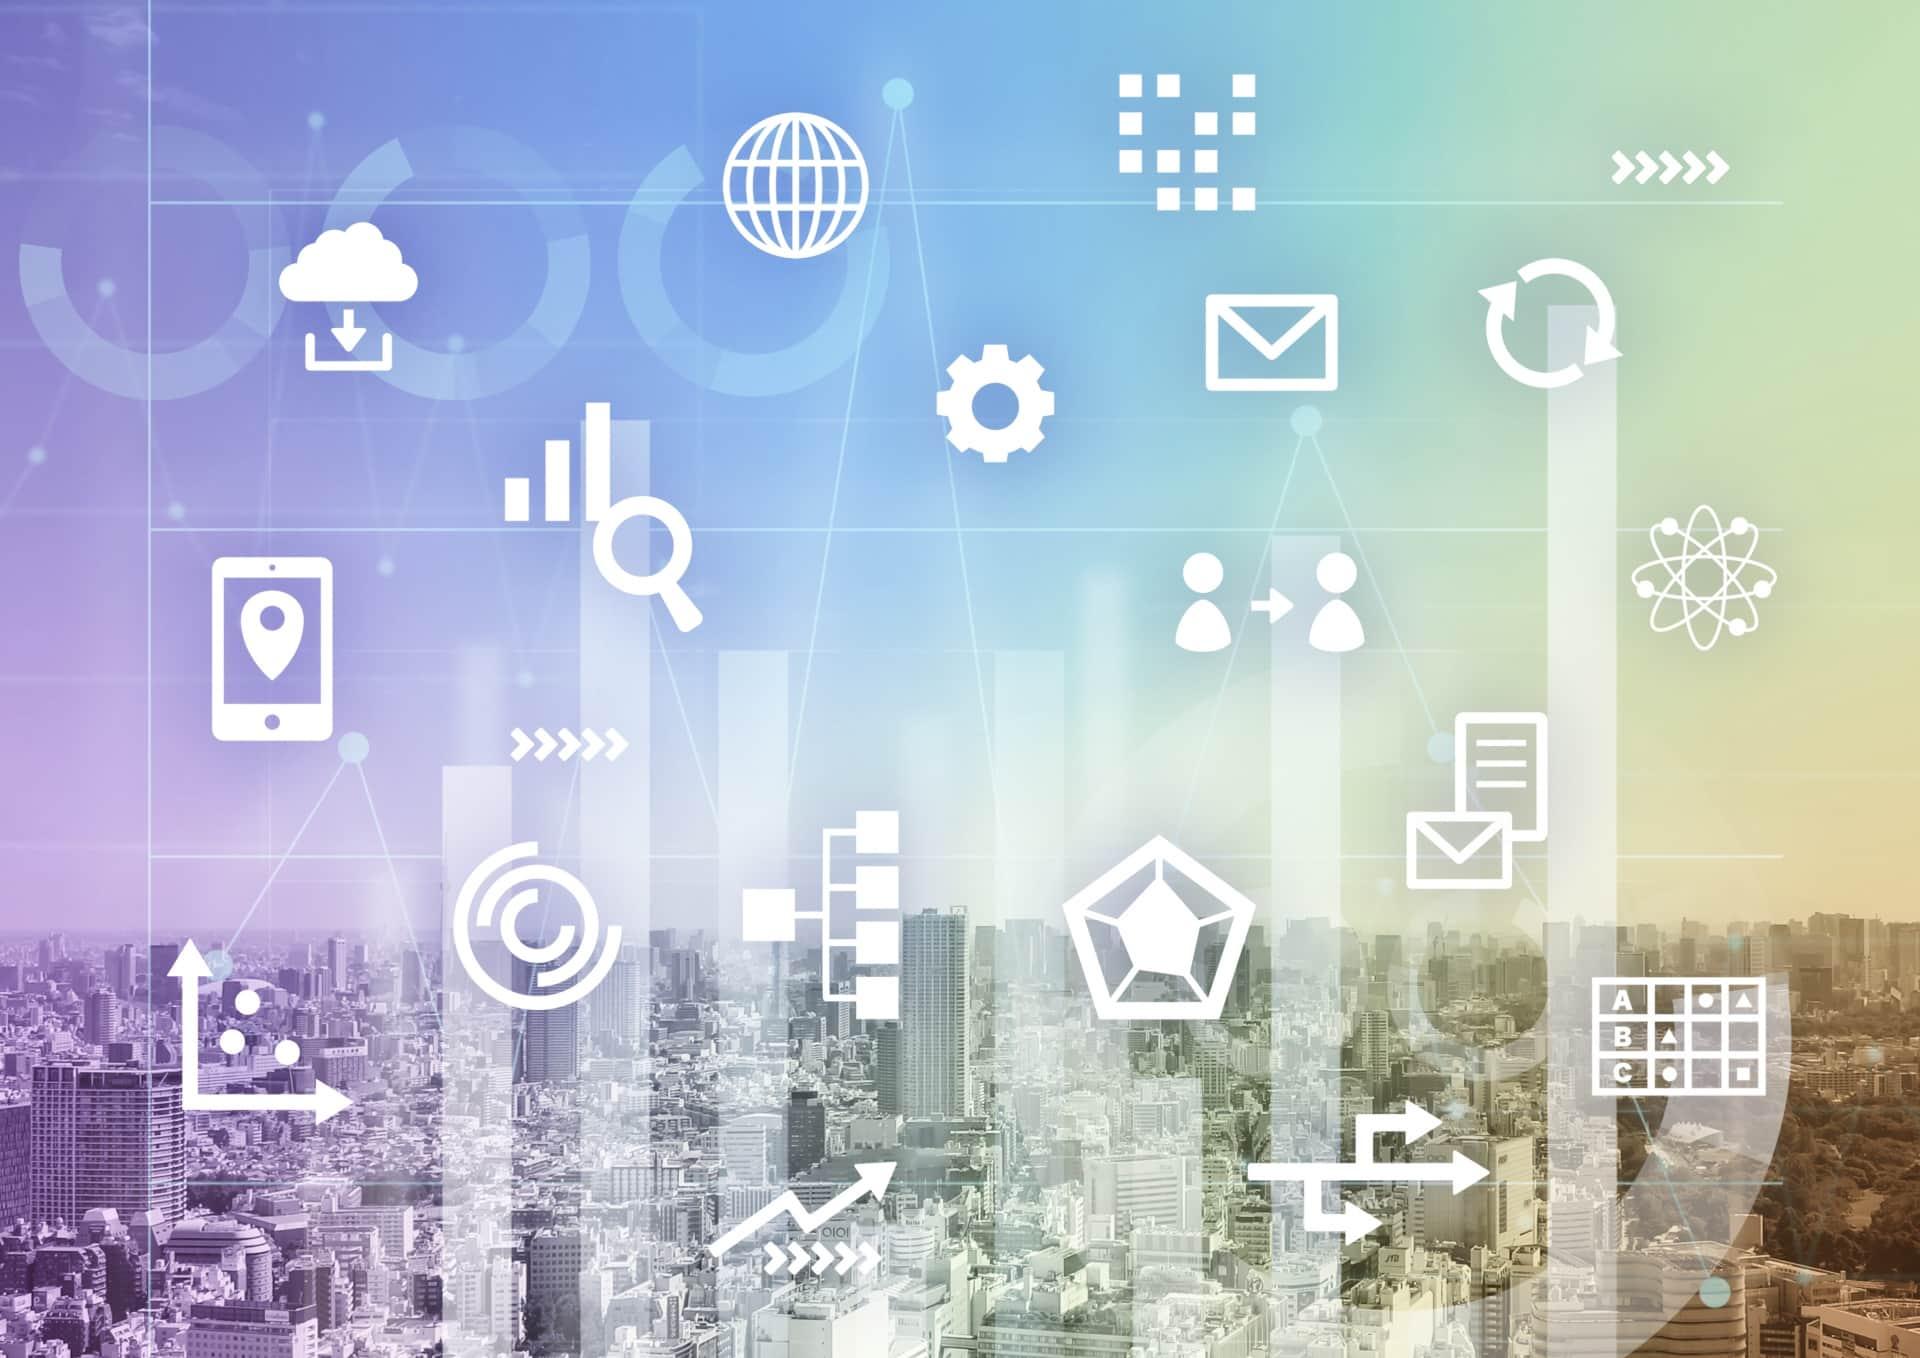 自己分析ツールで自分に合った企業が見つかる?-就活へのおすすめの活用方法も解説-